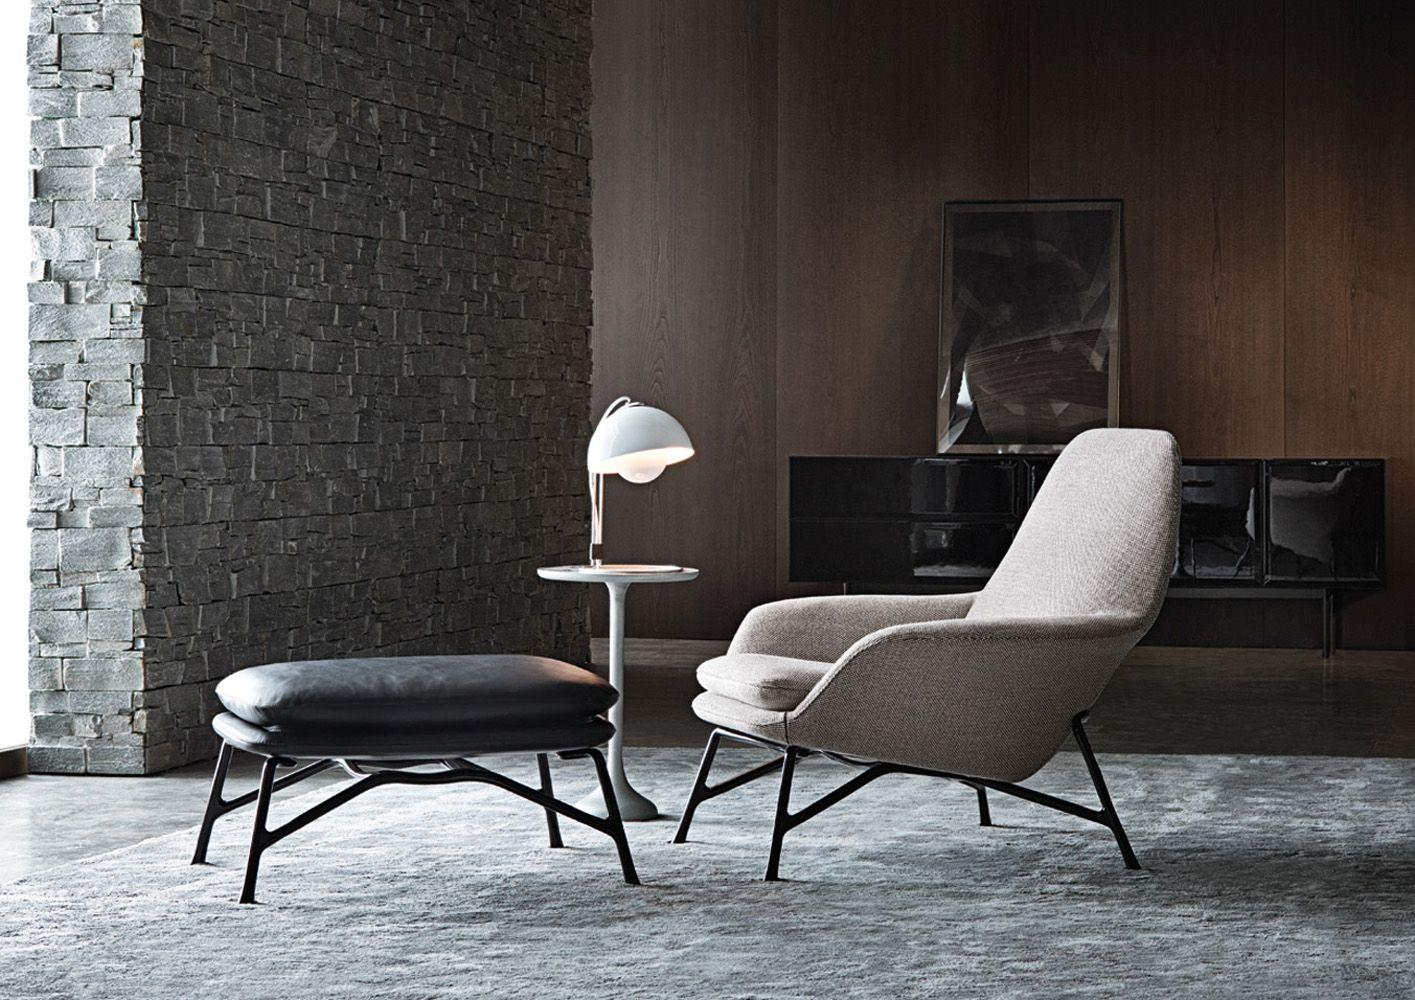 Minotti prince chaise longue mobili mobili di lusso e for Mobili di lusso moderni